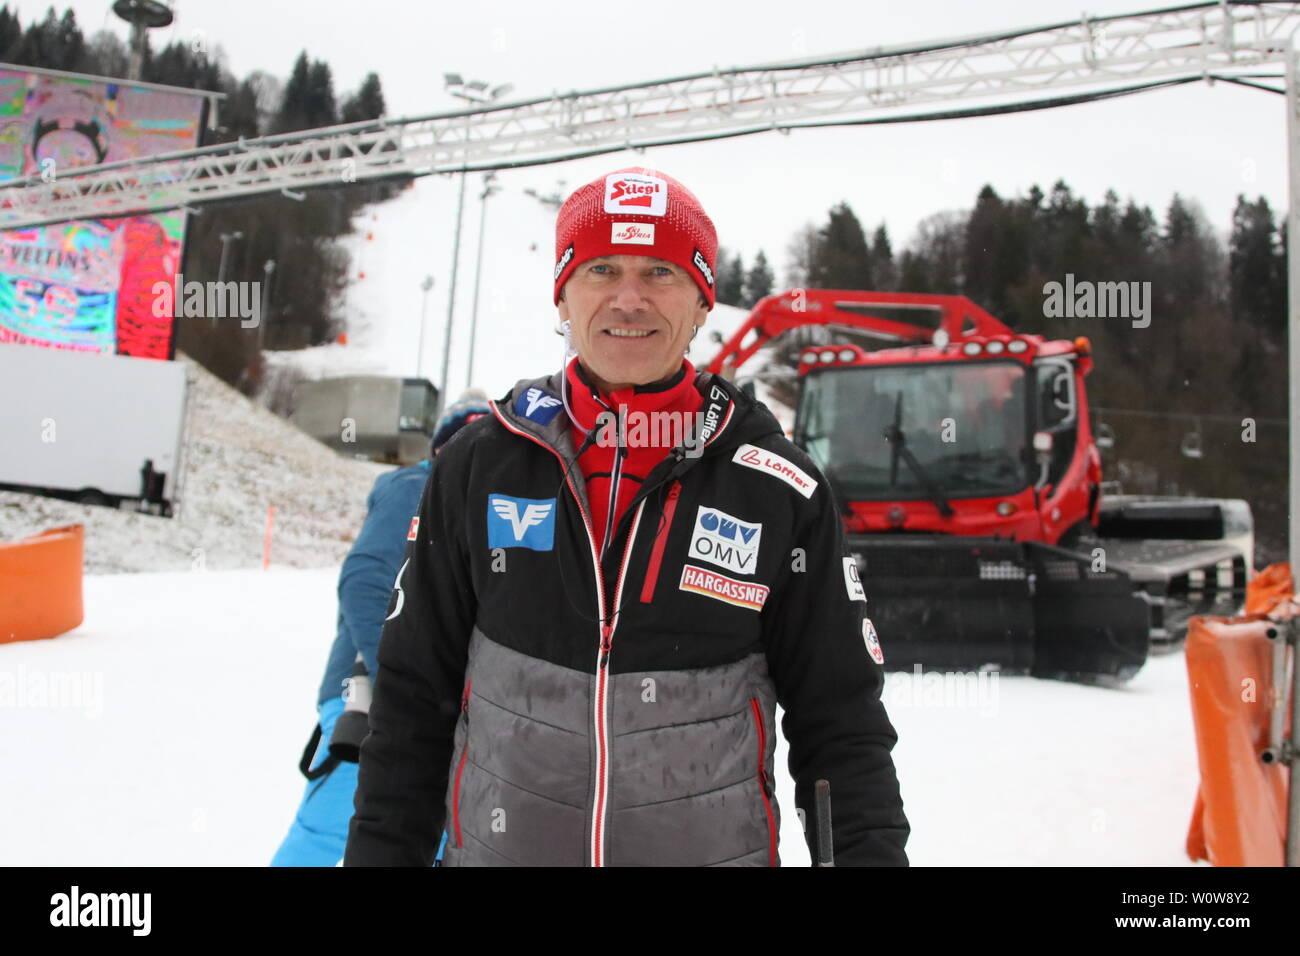 Andreas Felder (Cheftrainer Skisprung Österreich / Aut) bei der Qualifikation  Neujahrsskispringen GAP 2019 - Stock Image